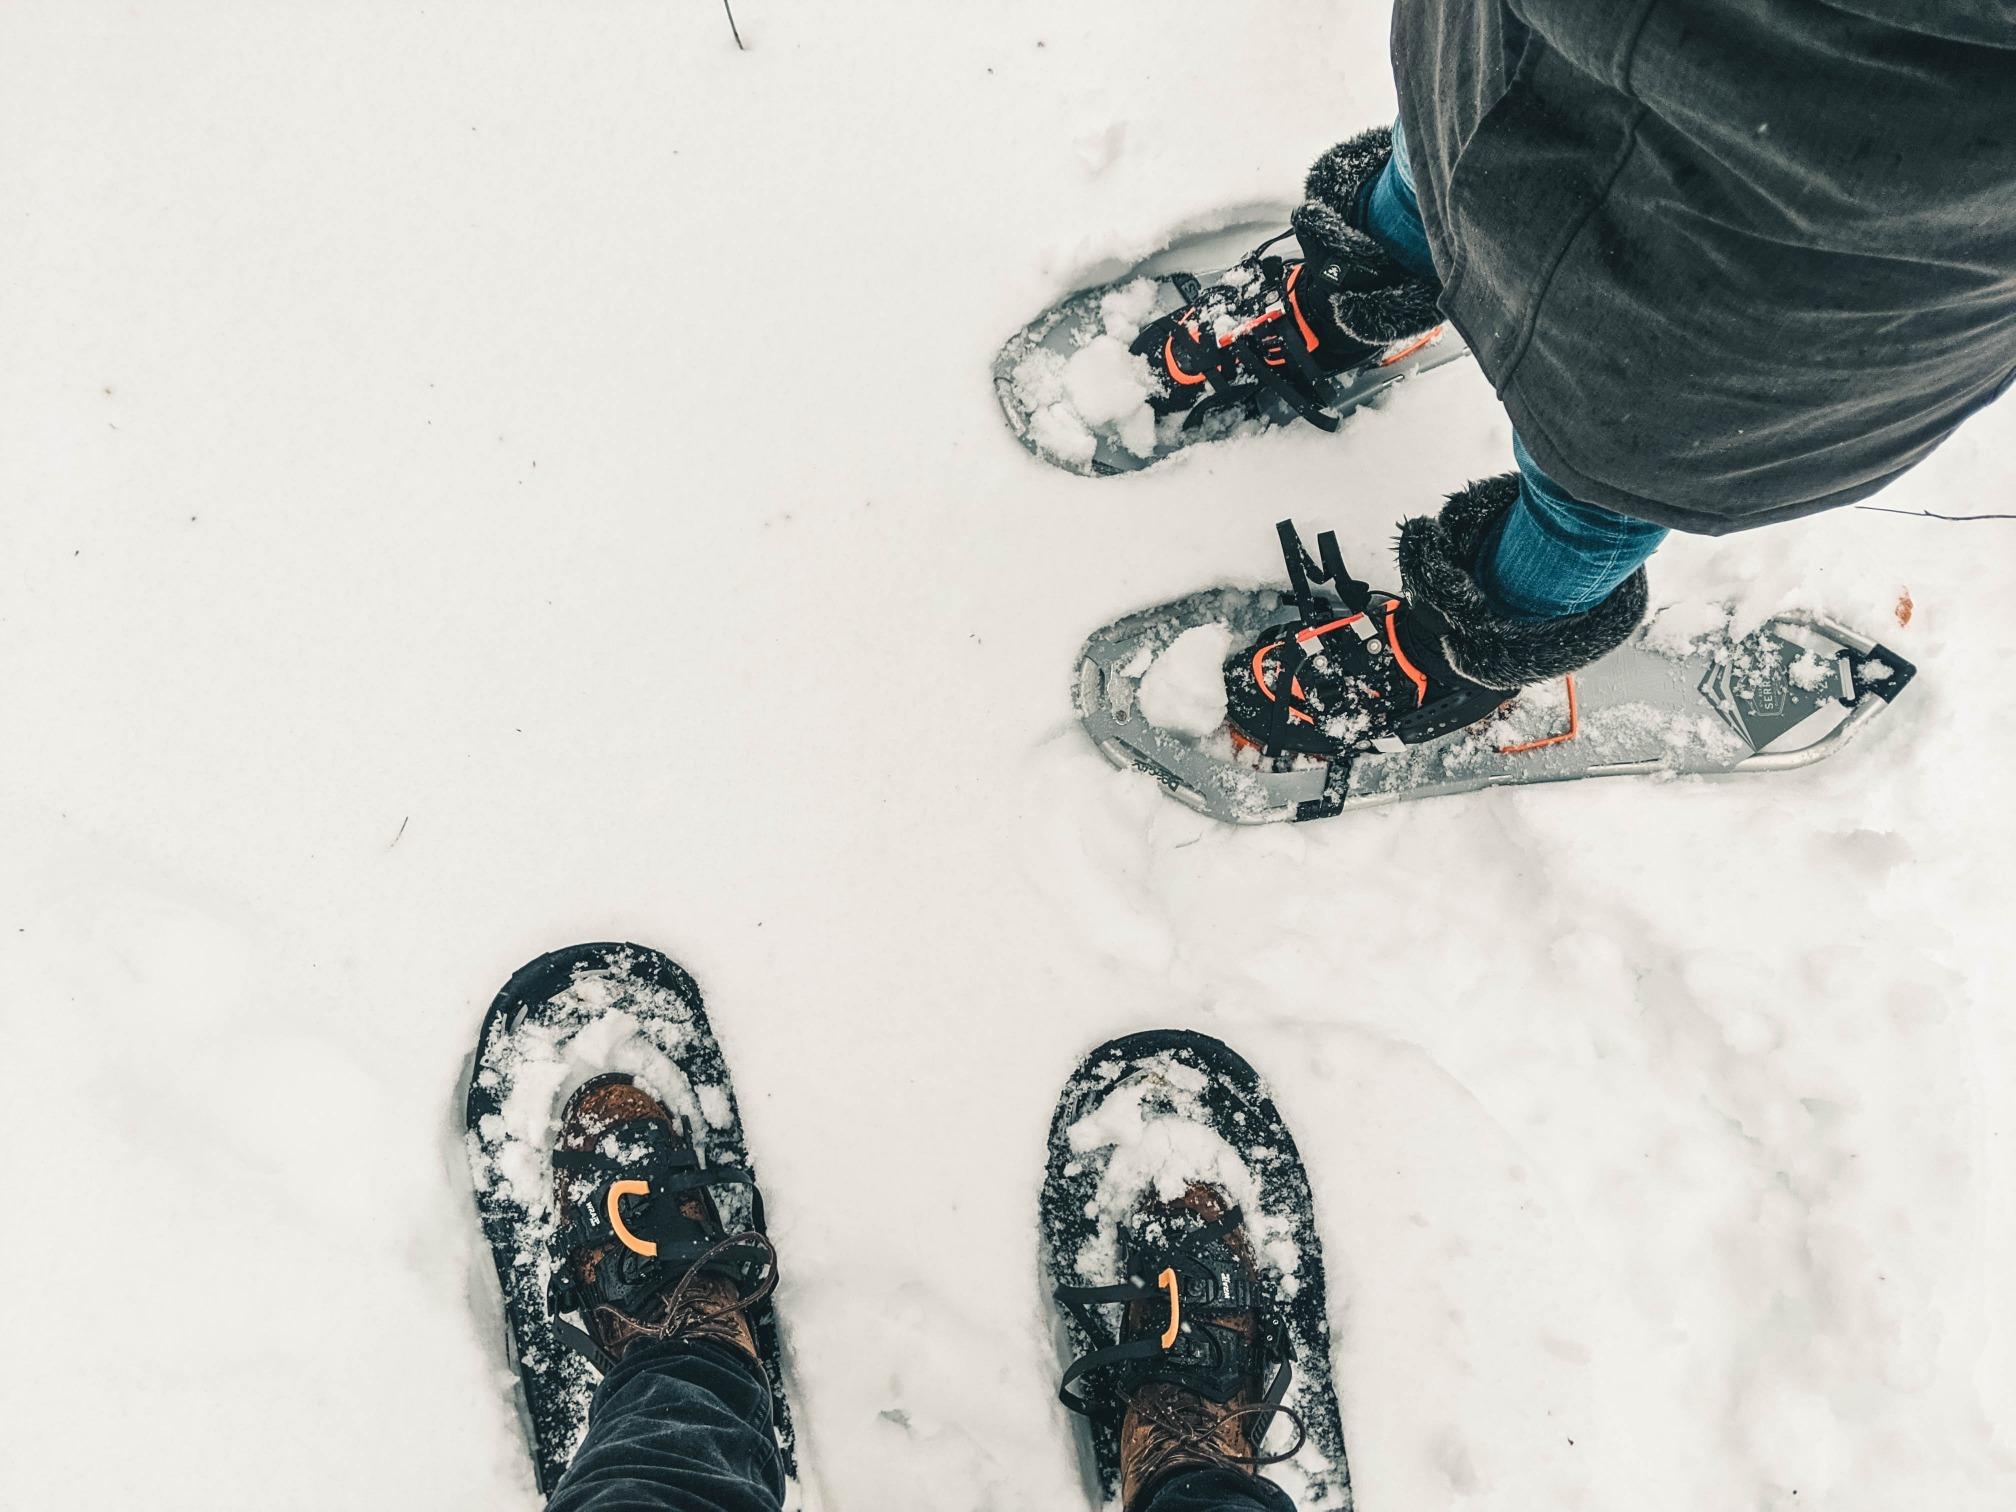 Vu de haut de deux personnes en raquettes de neige